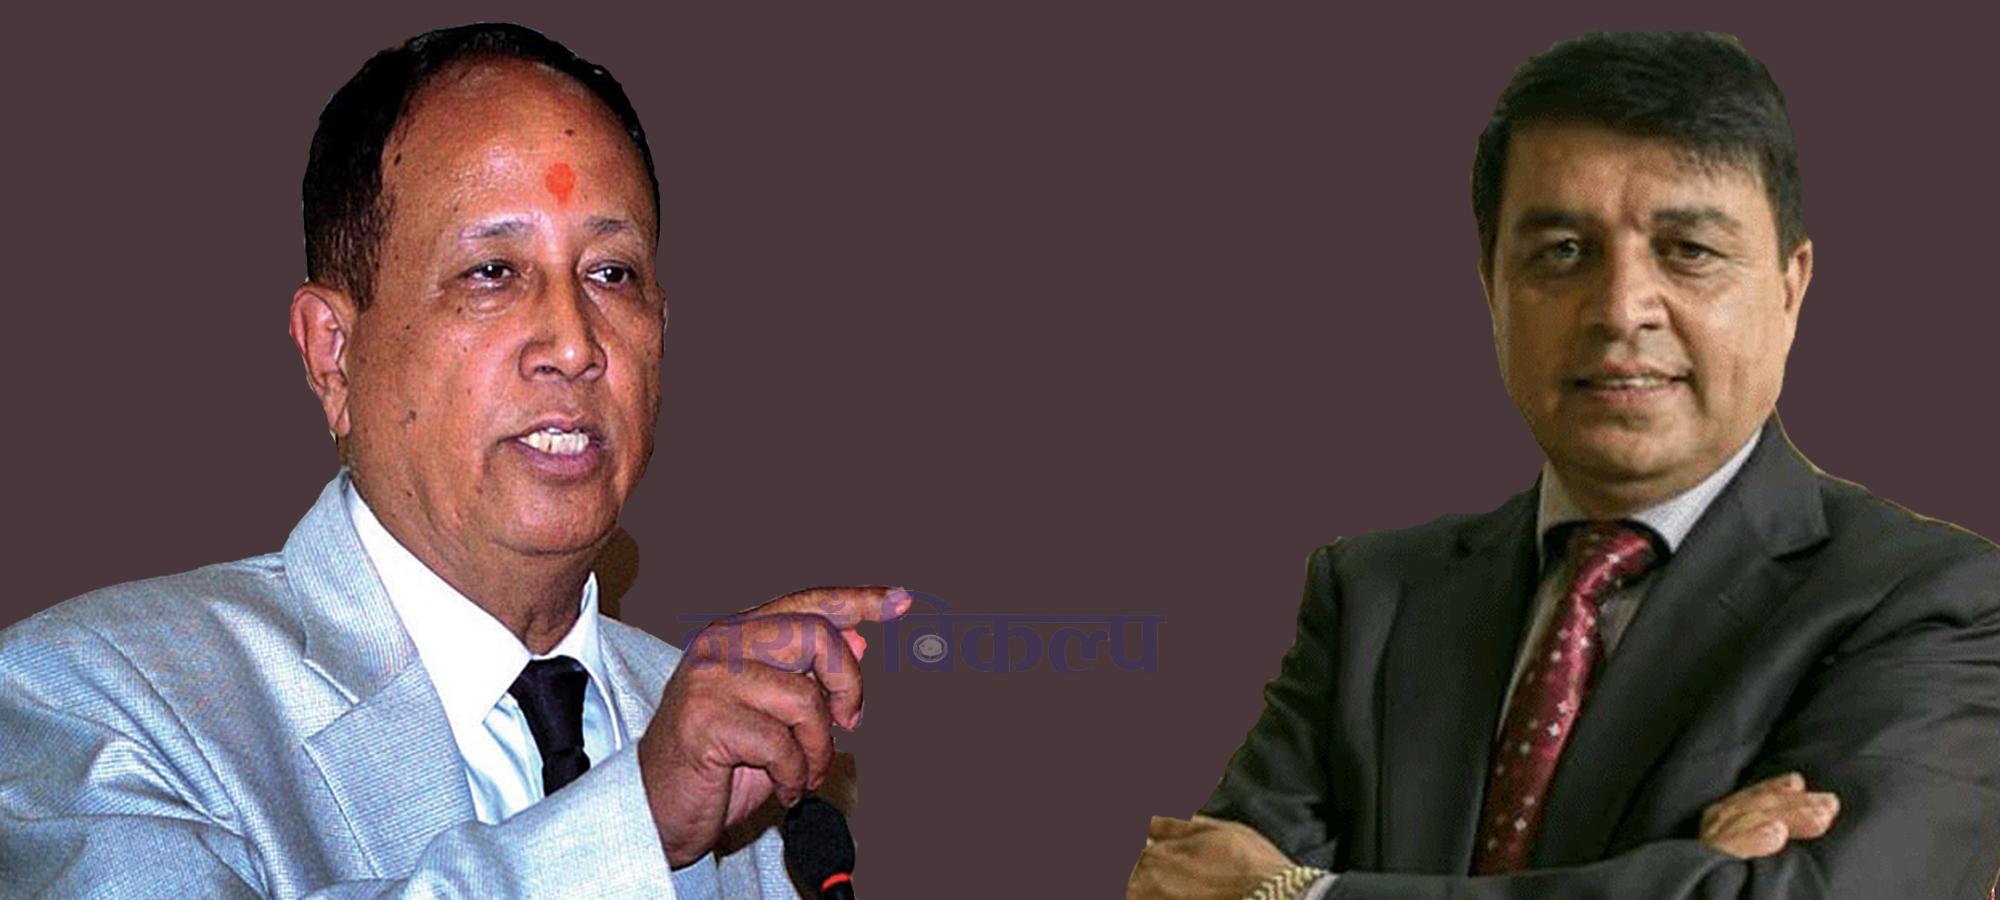 उद्योग वाणिज्य महासंघमा चुनावी महासंग्राम :  व्यवसायीकता जाेगाउने की राजनीति राेज्ने ?